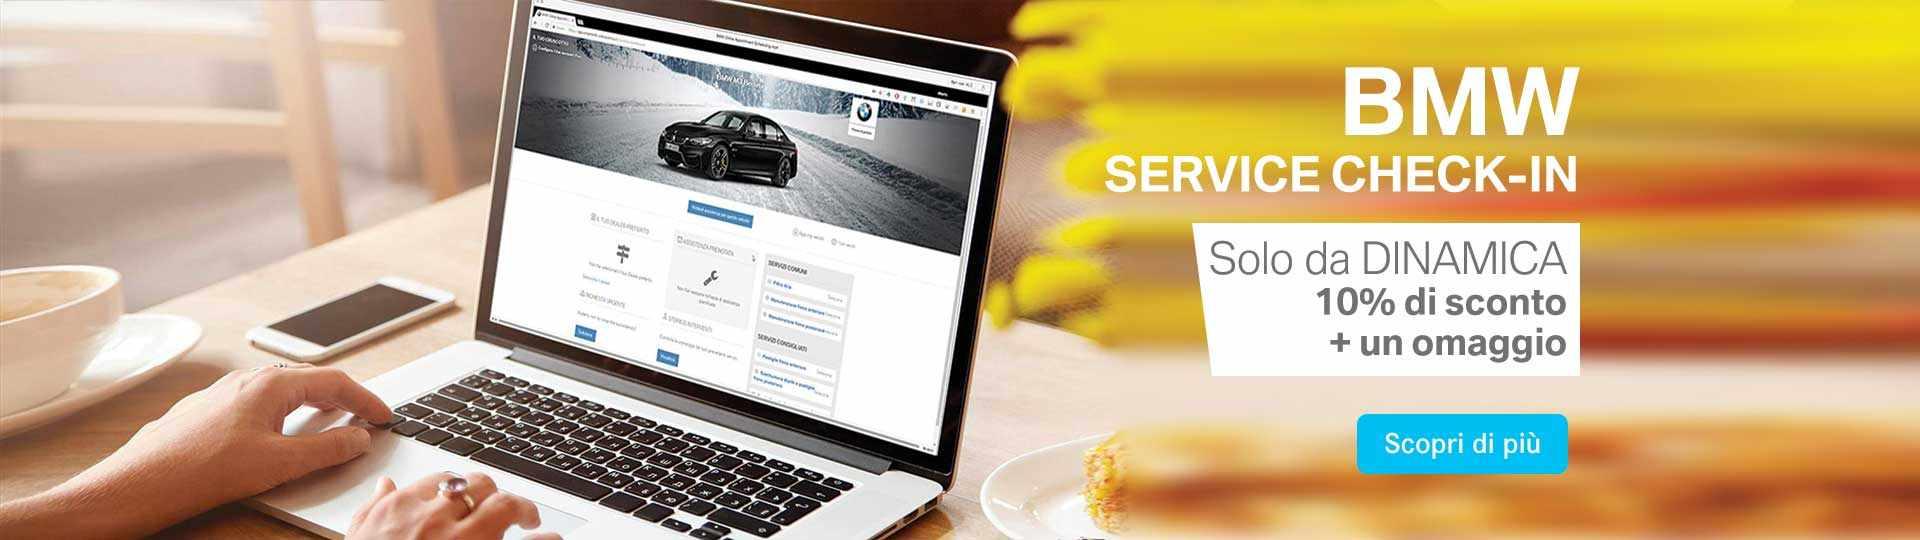 header_BMW_service_checkin.jpg